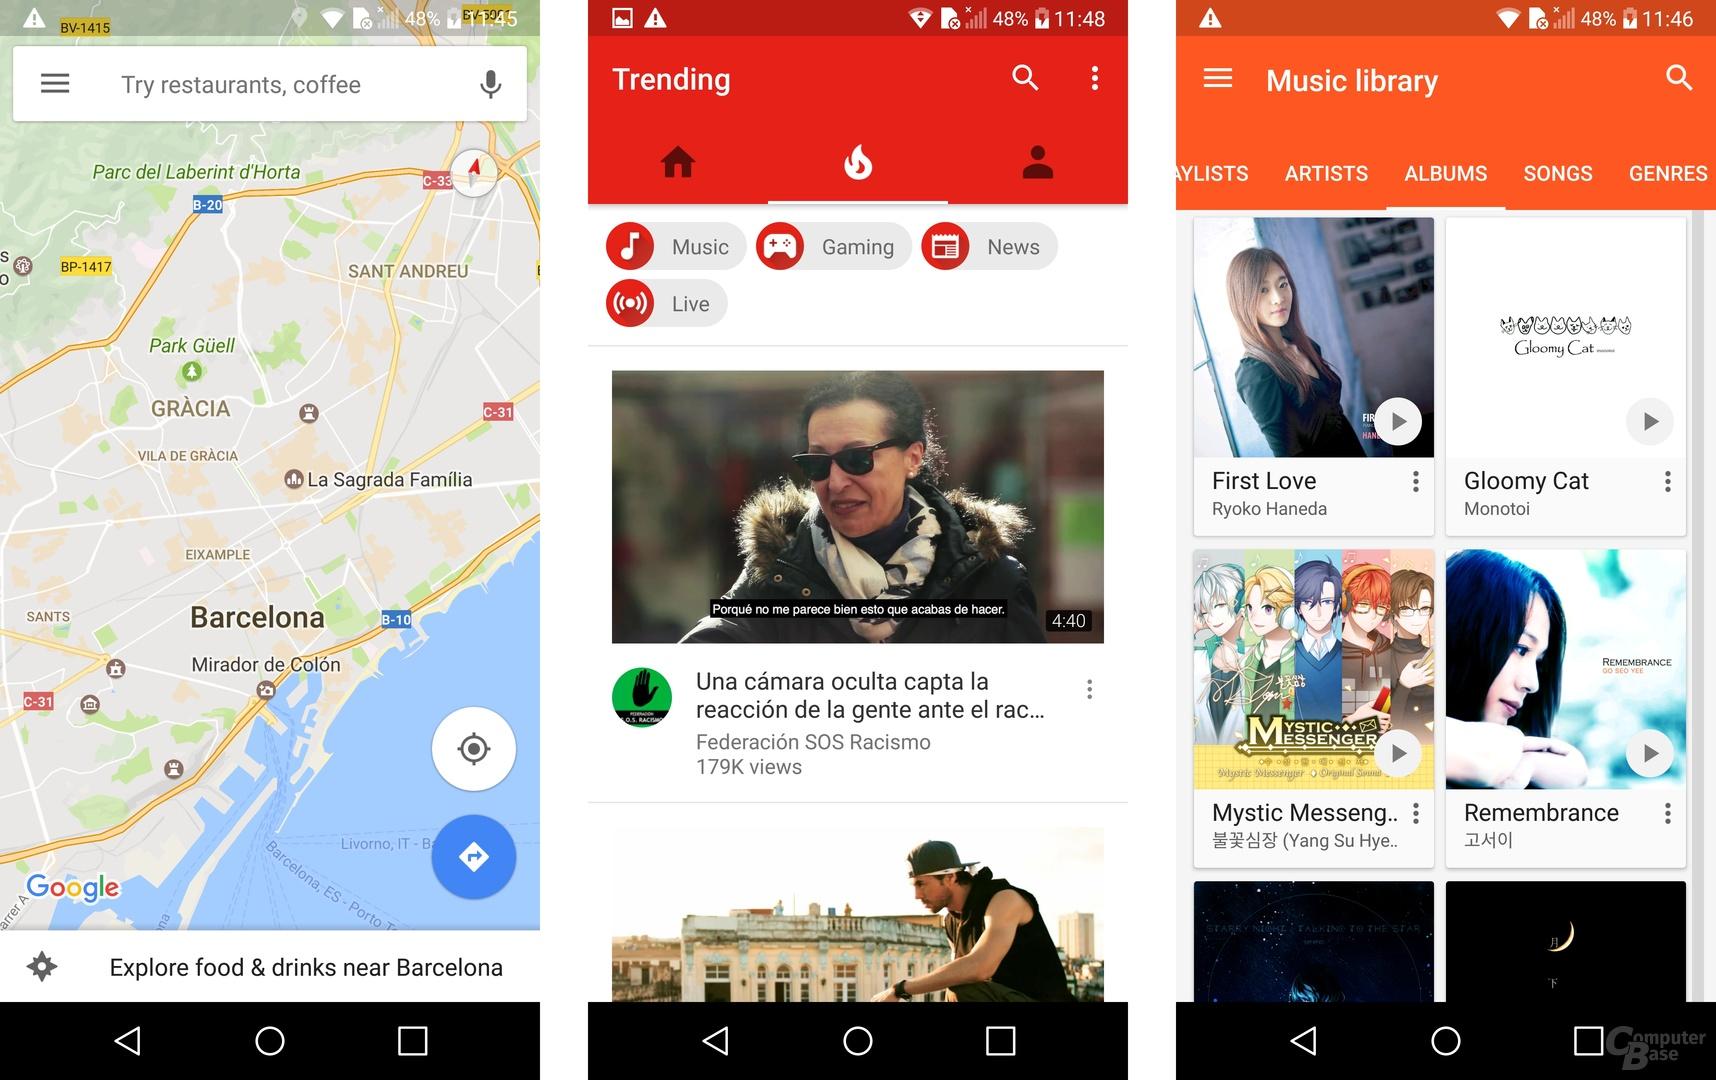 Apps auf dem abgerundeten LG-G6-Display